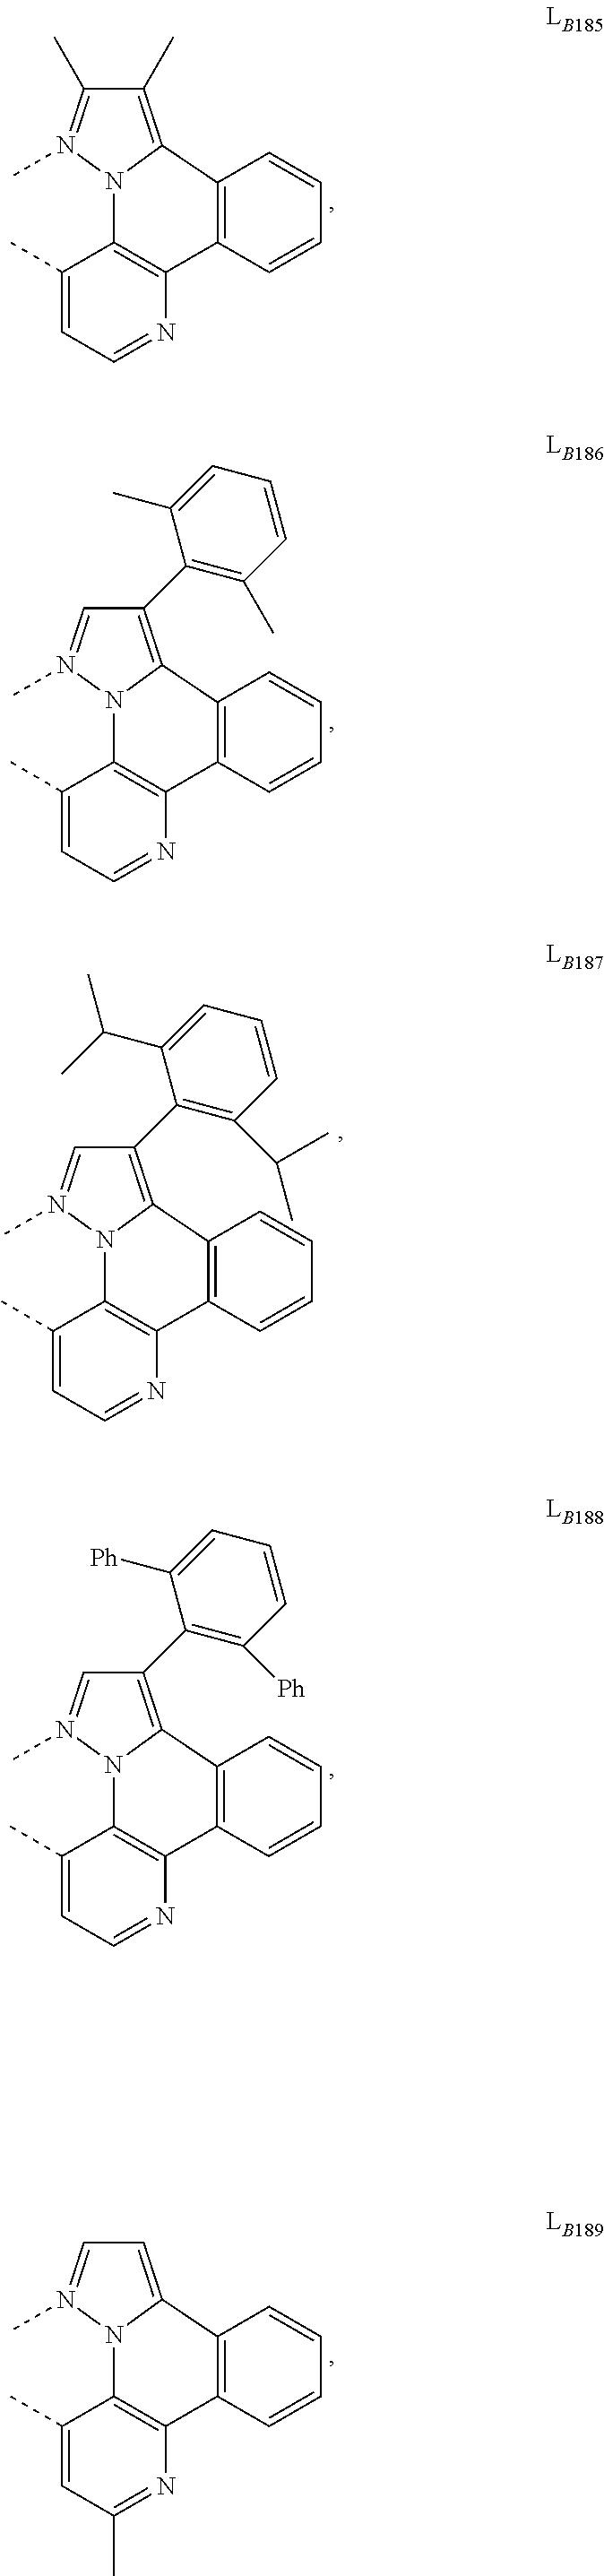 Figure US09905785-20180227-C00146